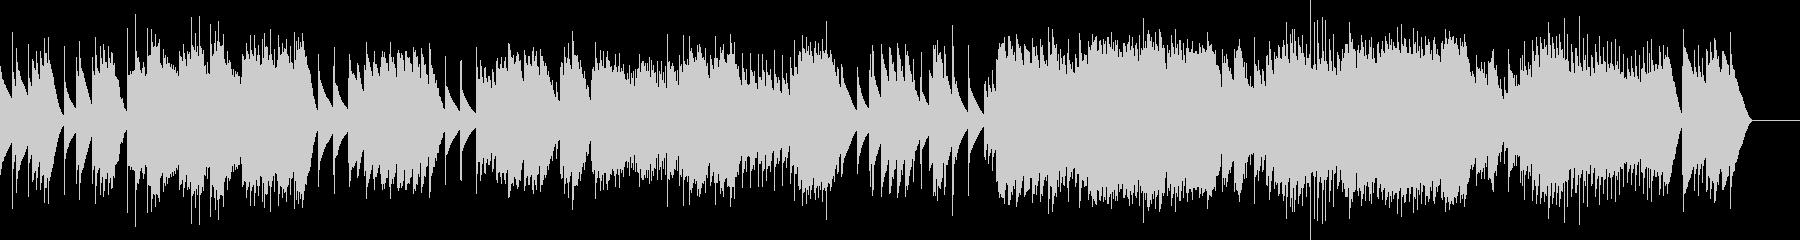 アイネクライネ 第1楽章 (オルゴール)の未再生の波形